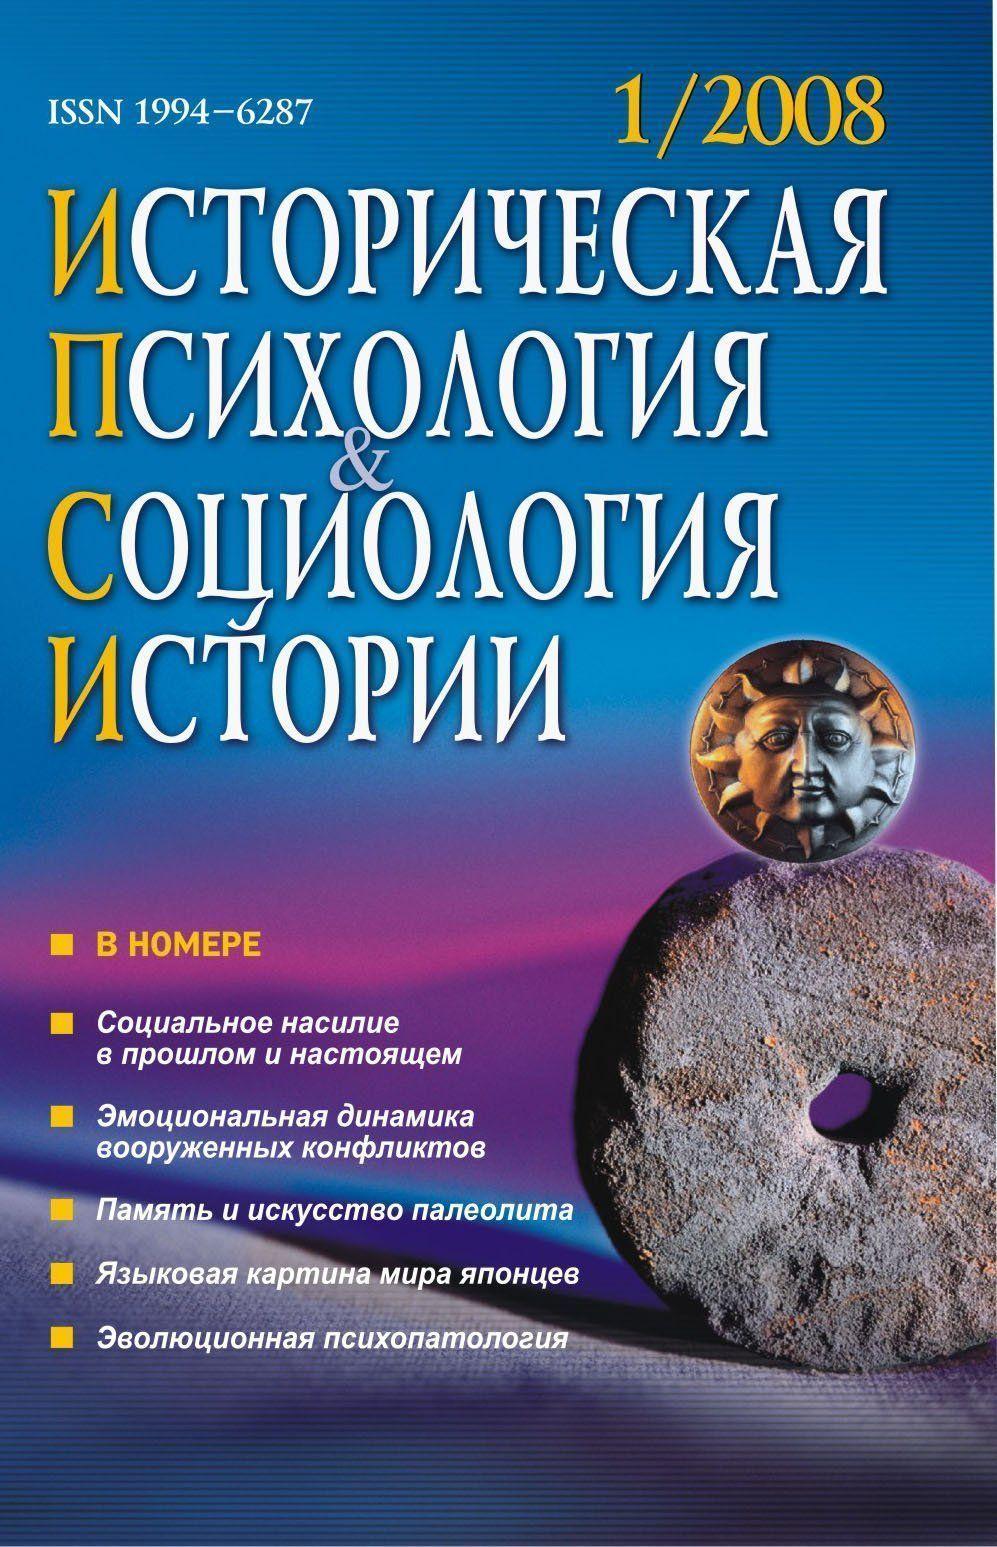 Историческая психология и социология истории. № 1, 2008 г. Научно-теоретический журнал.